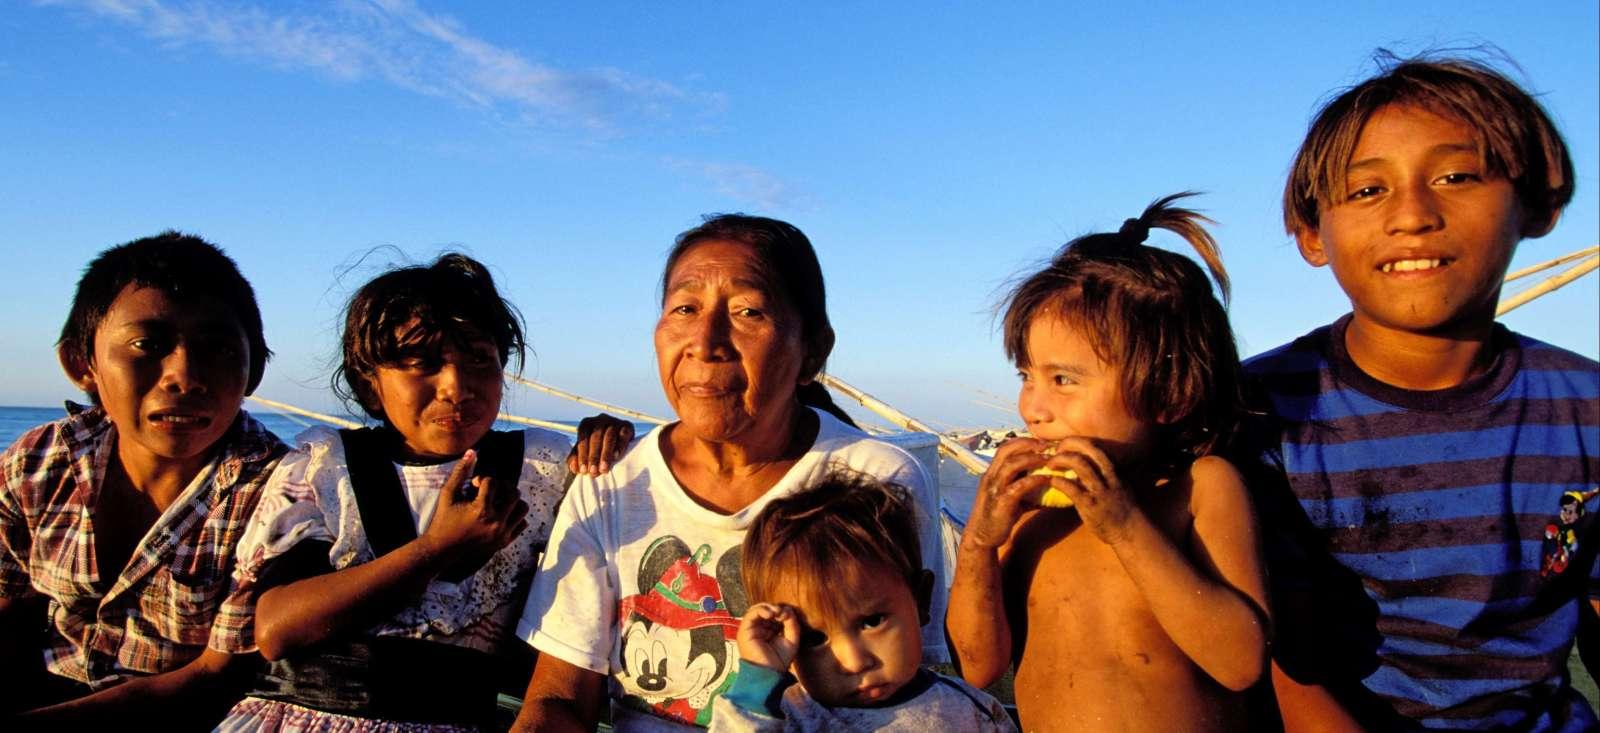 Voyage à pied : Escapade Maya familia